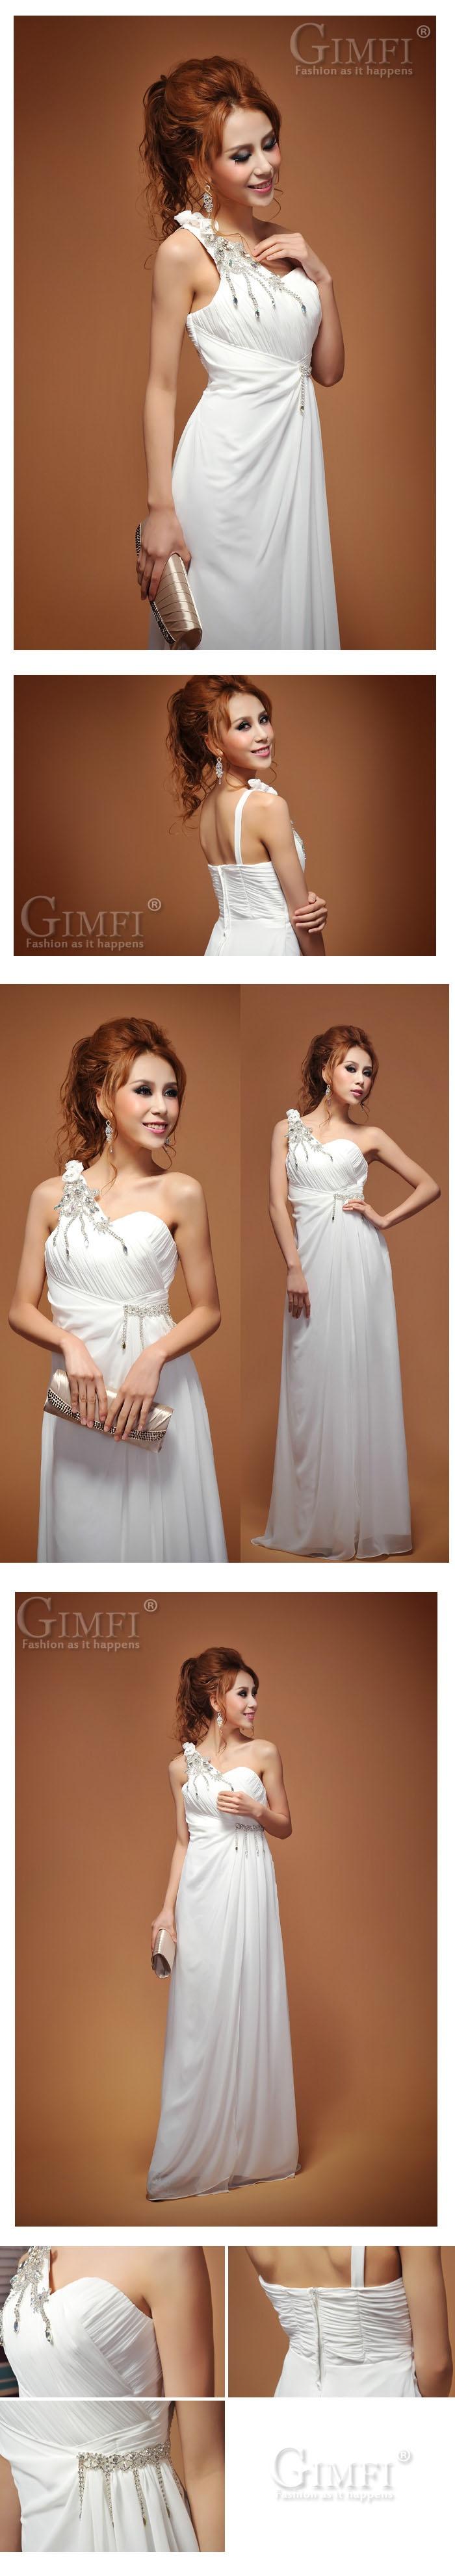 Vestido de Noche Elegante. Color: Blanco. Tallas: S - M - L. Precio: $90.000